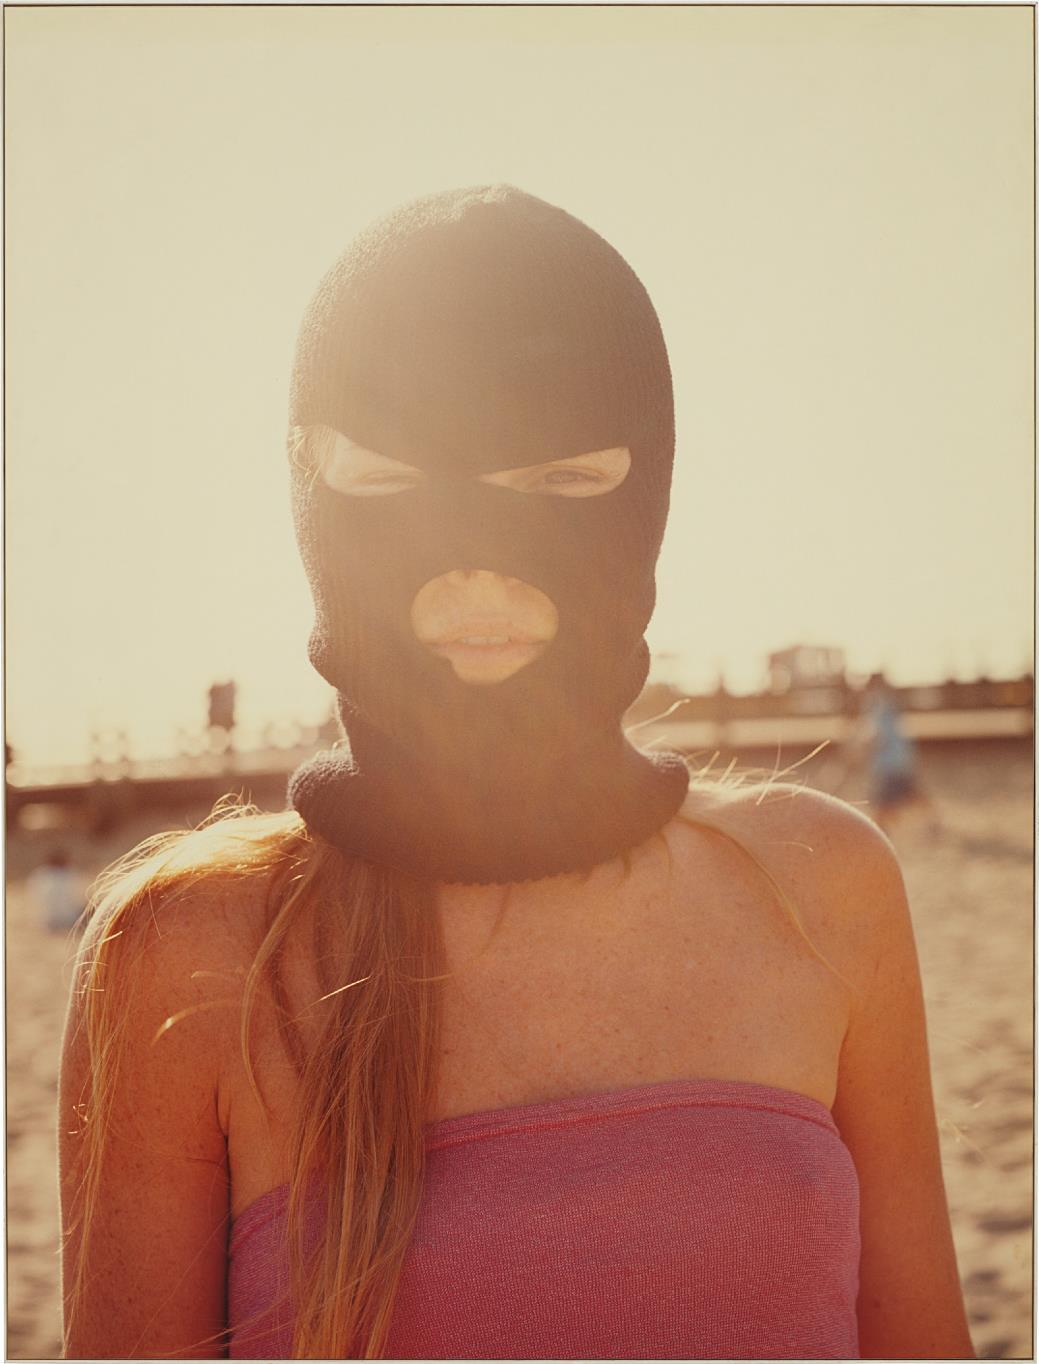 Doug Aitken-Girl In Mask-2002